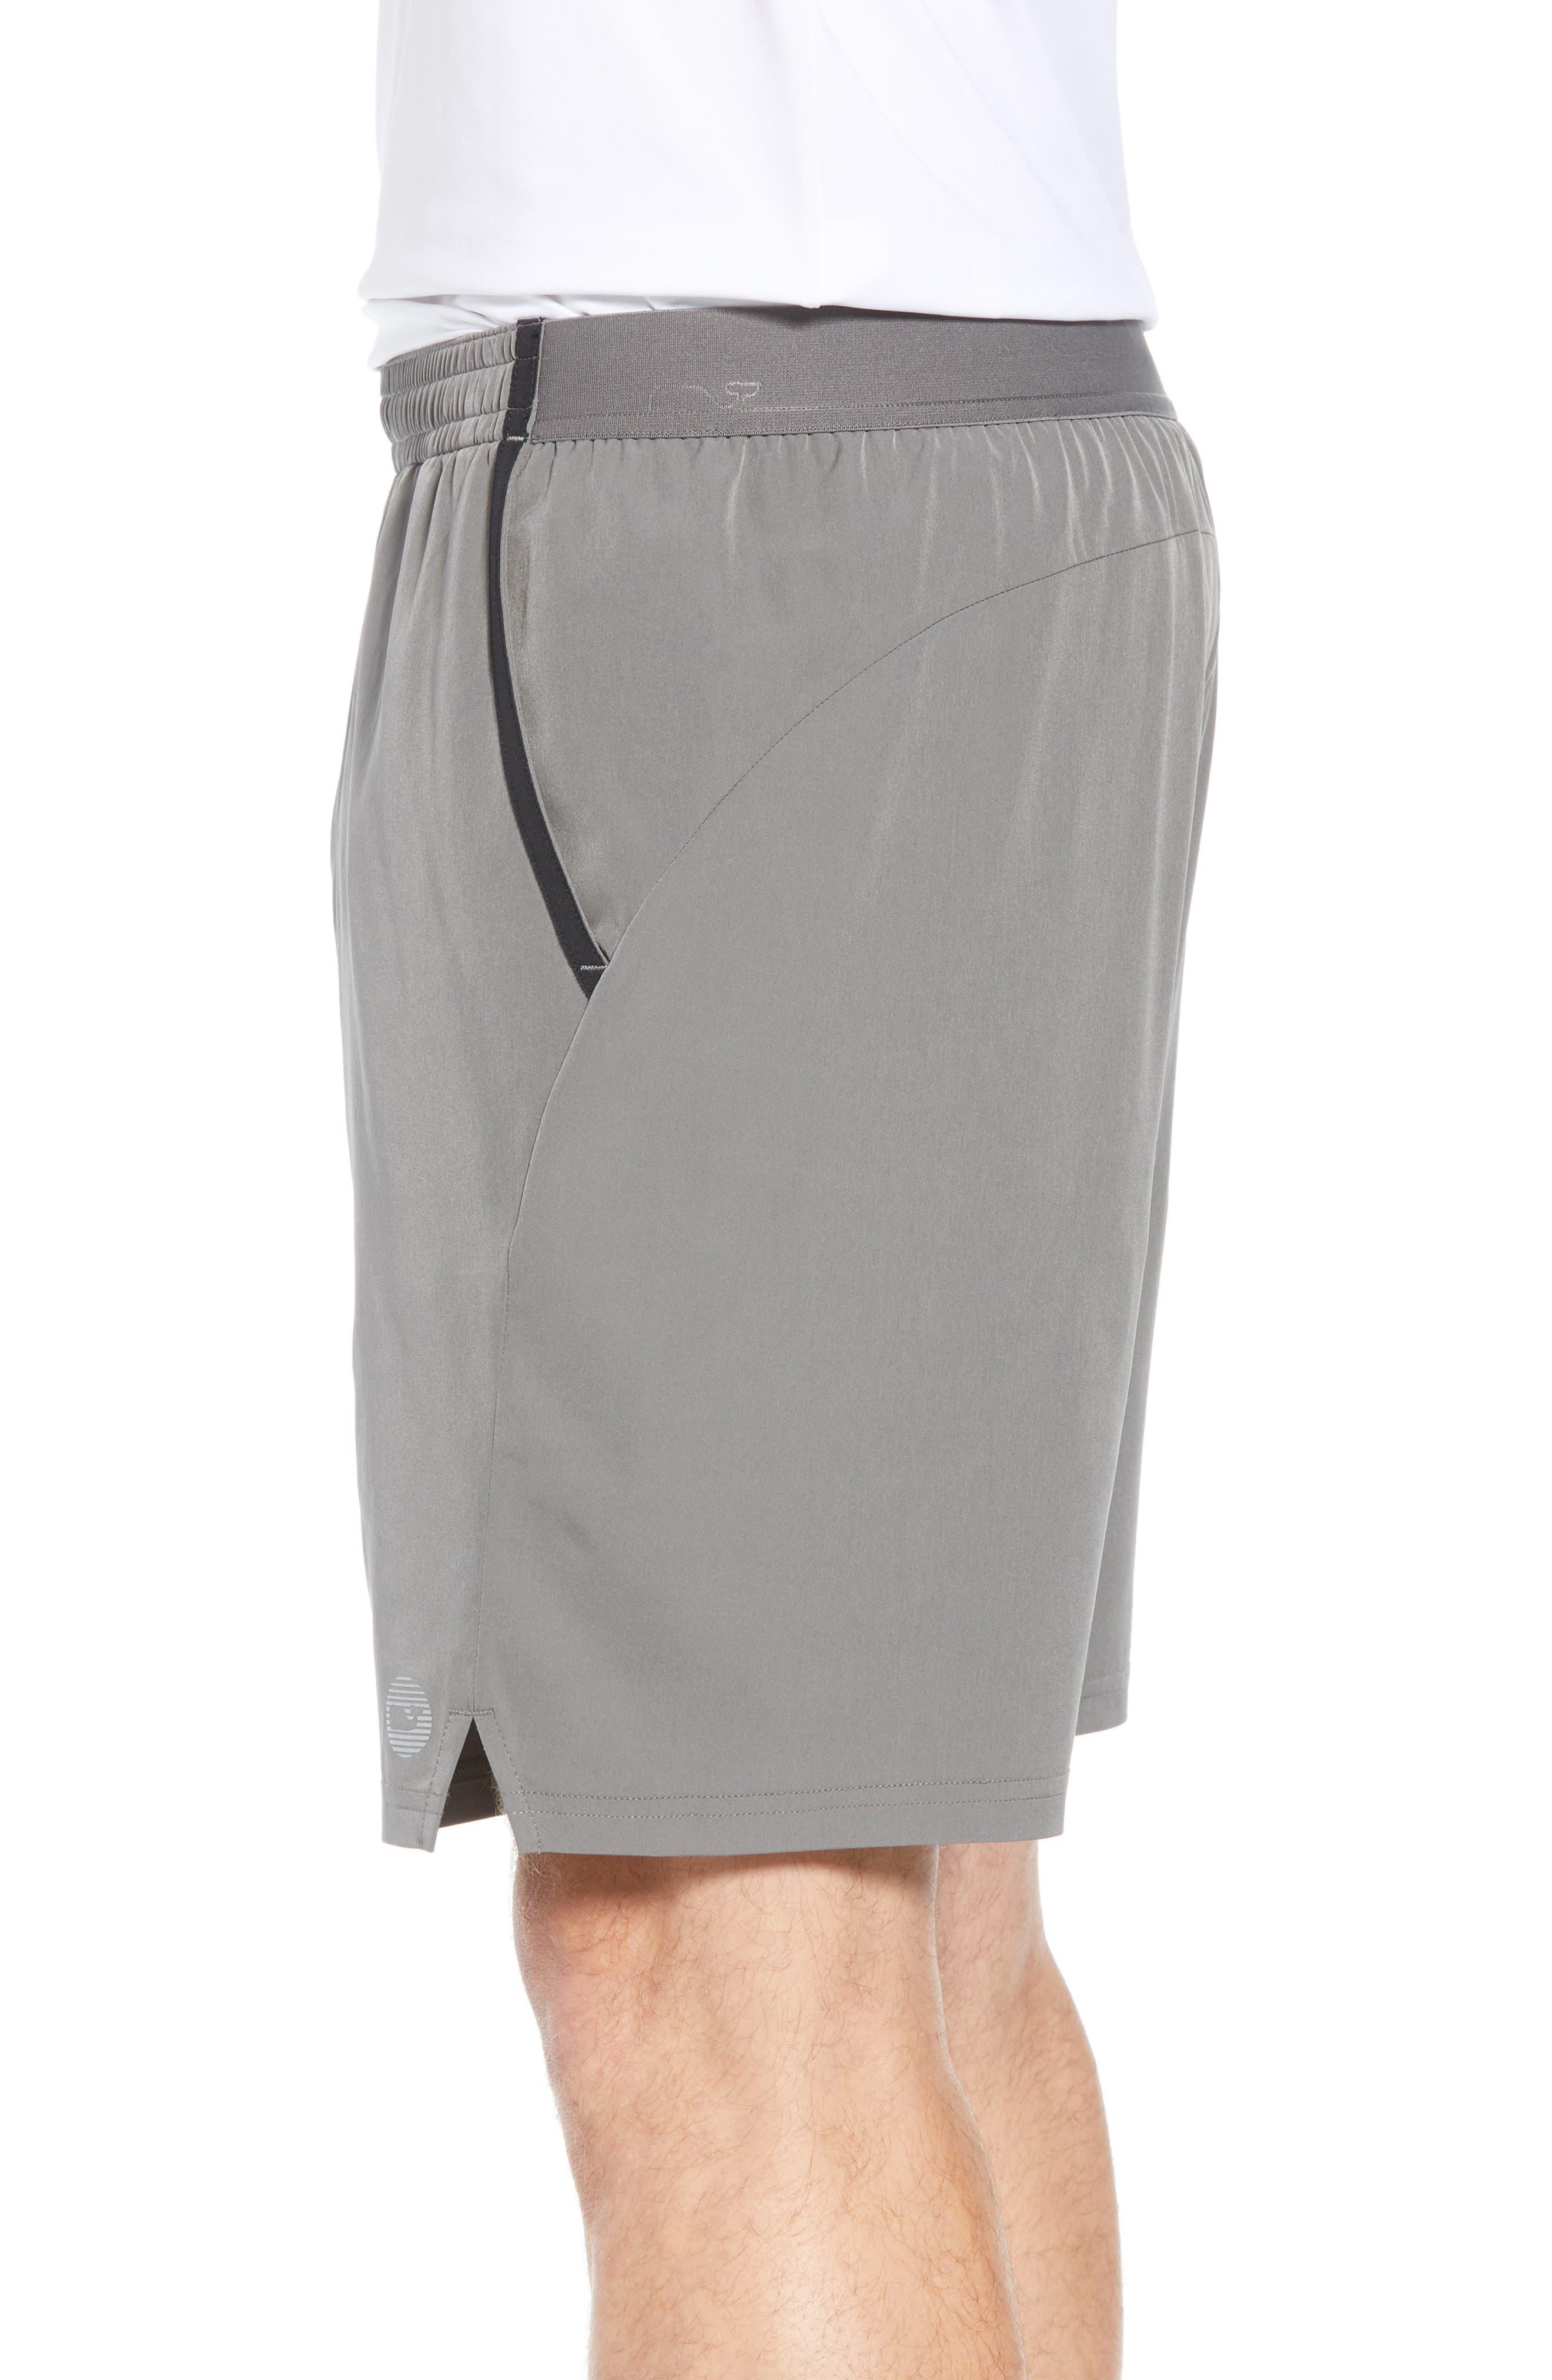 Active Tennis Shorts,                             Alternate thumbnail 3, color,                             GRAPHITE